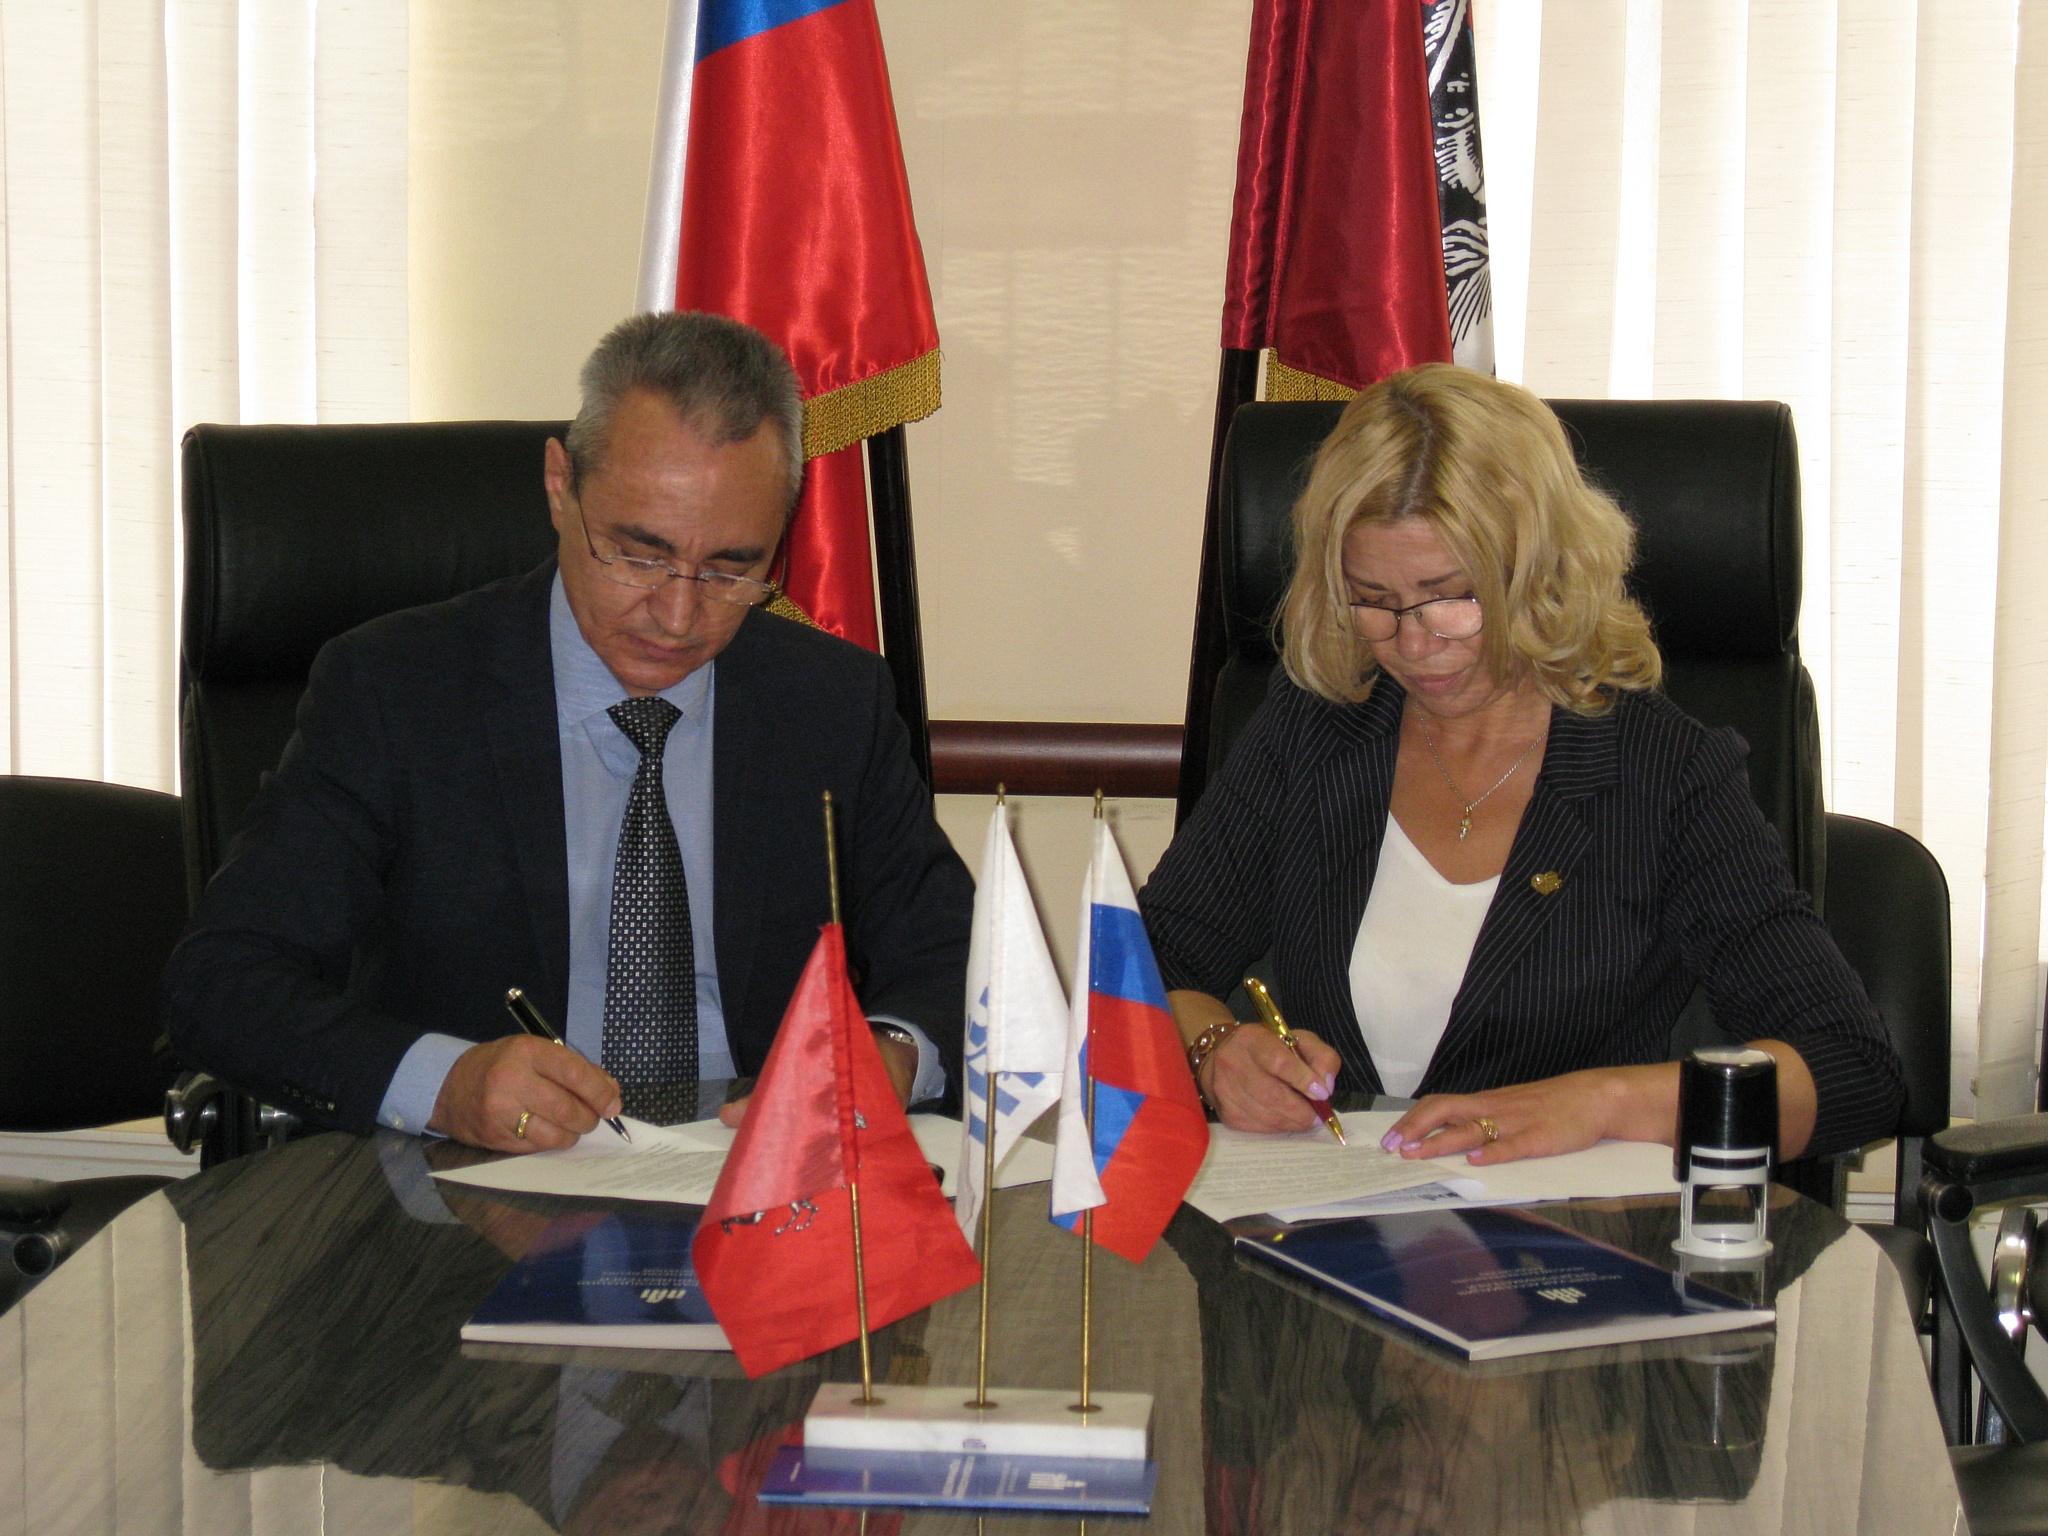 Подписано соглашение между Комитетом бизнес-коммуникаций МОО МАП и Комитетом поддержки реформ Президента России